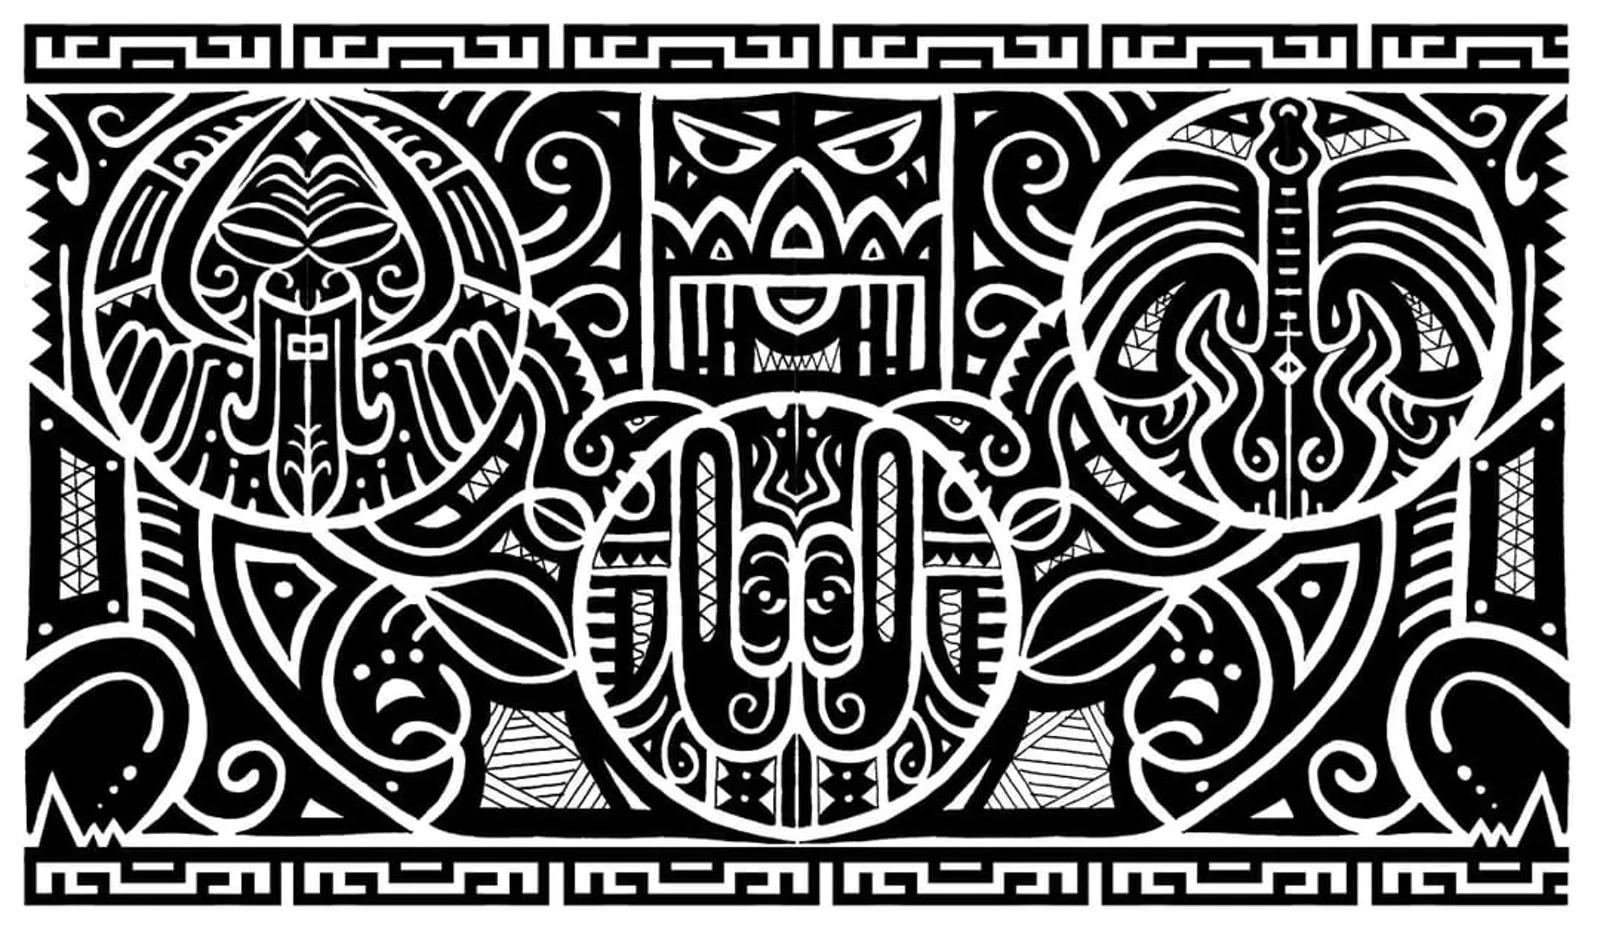 Ý Nghĩa Hình Xăm Maori |  Xăm Hình Maori | Hình Xăm Maori Đẹp 2021